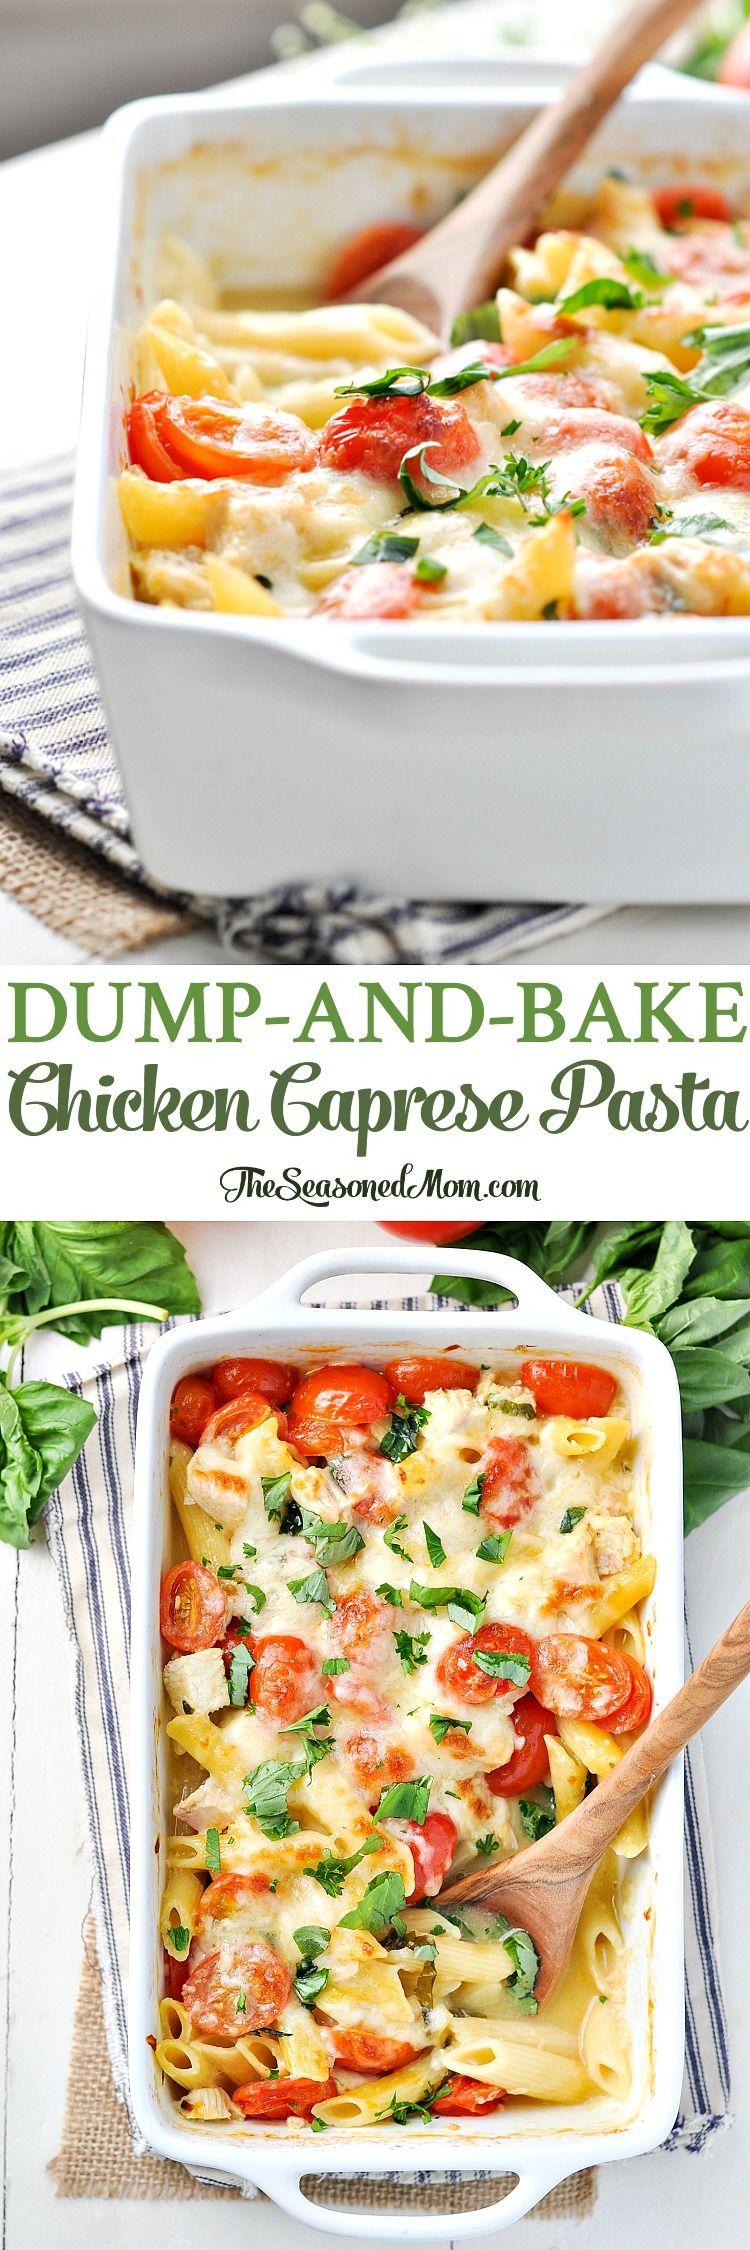 Dump-and-Bake Chicken Caprese Pasta #easydinners